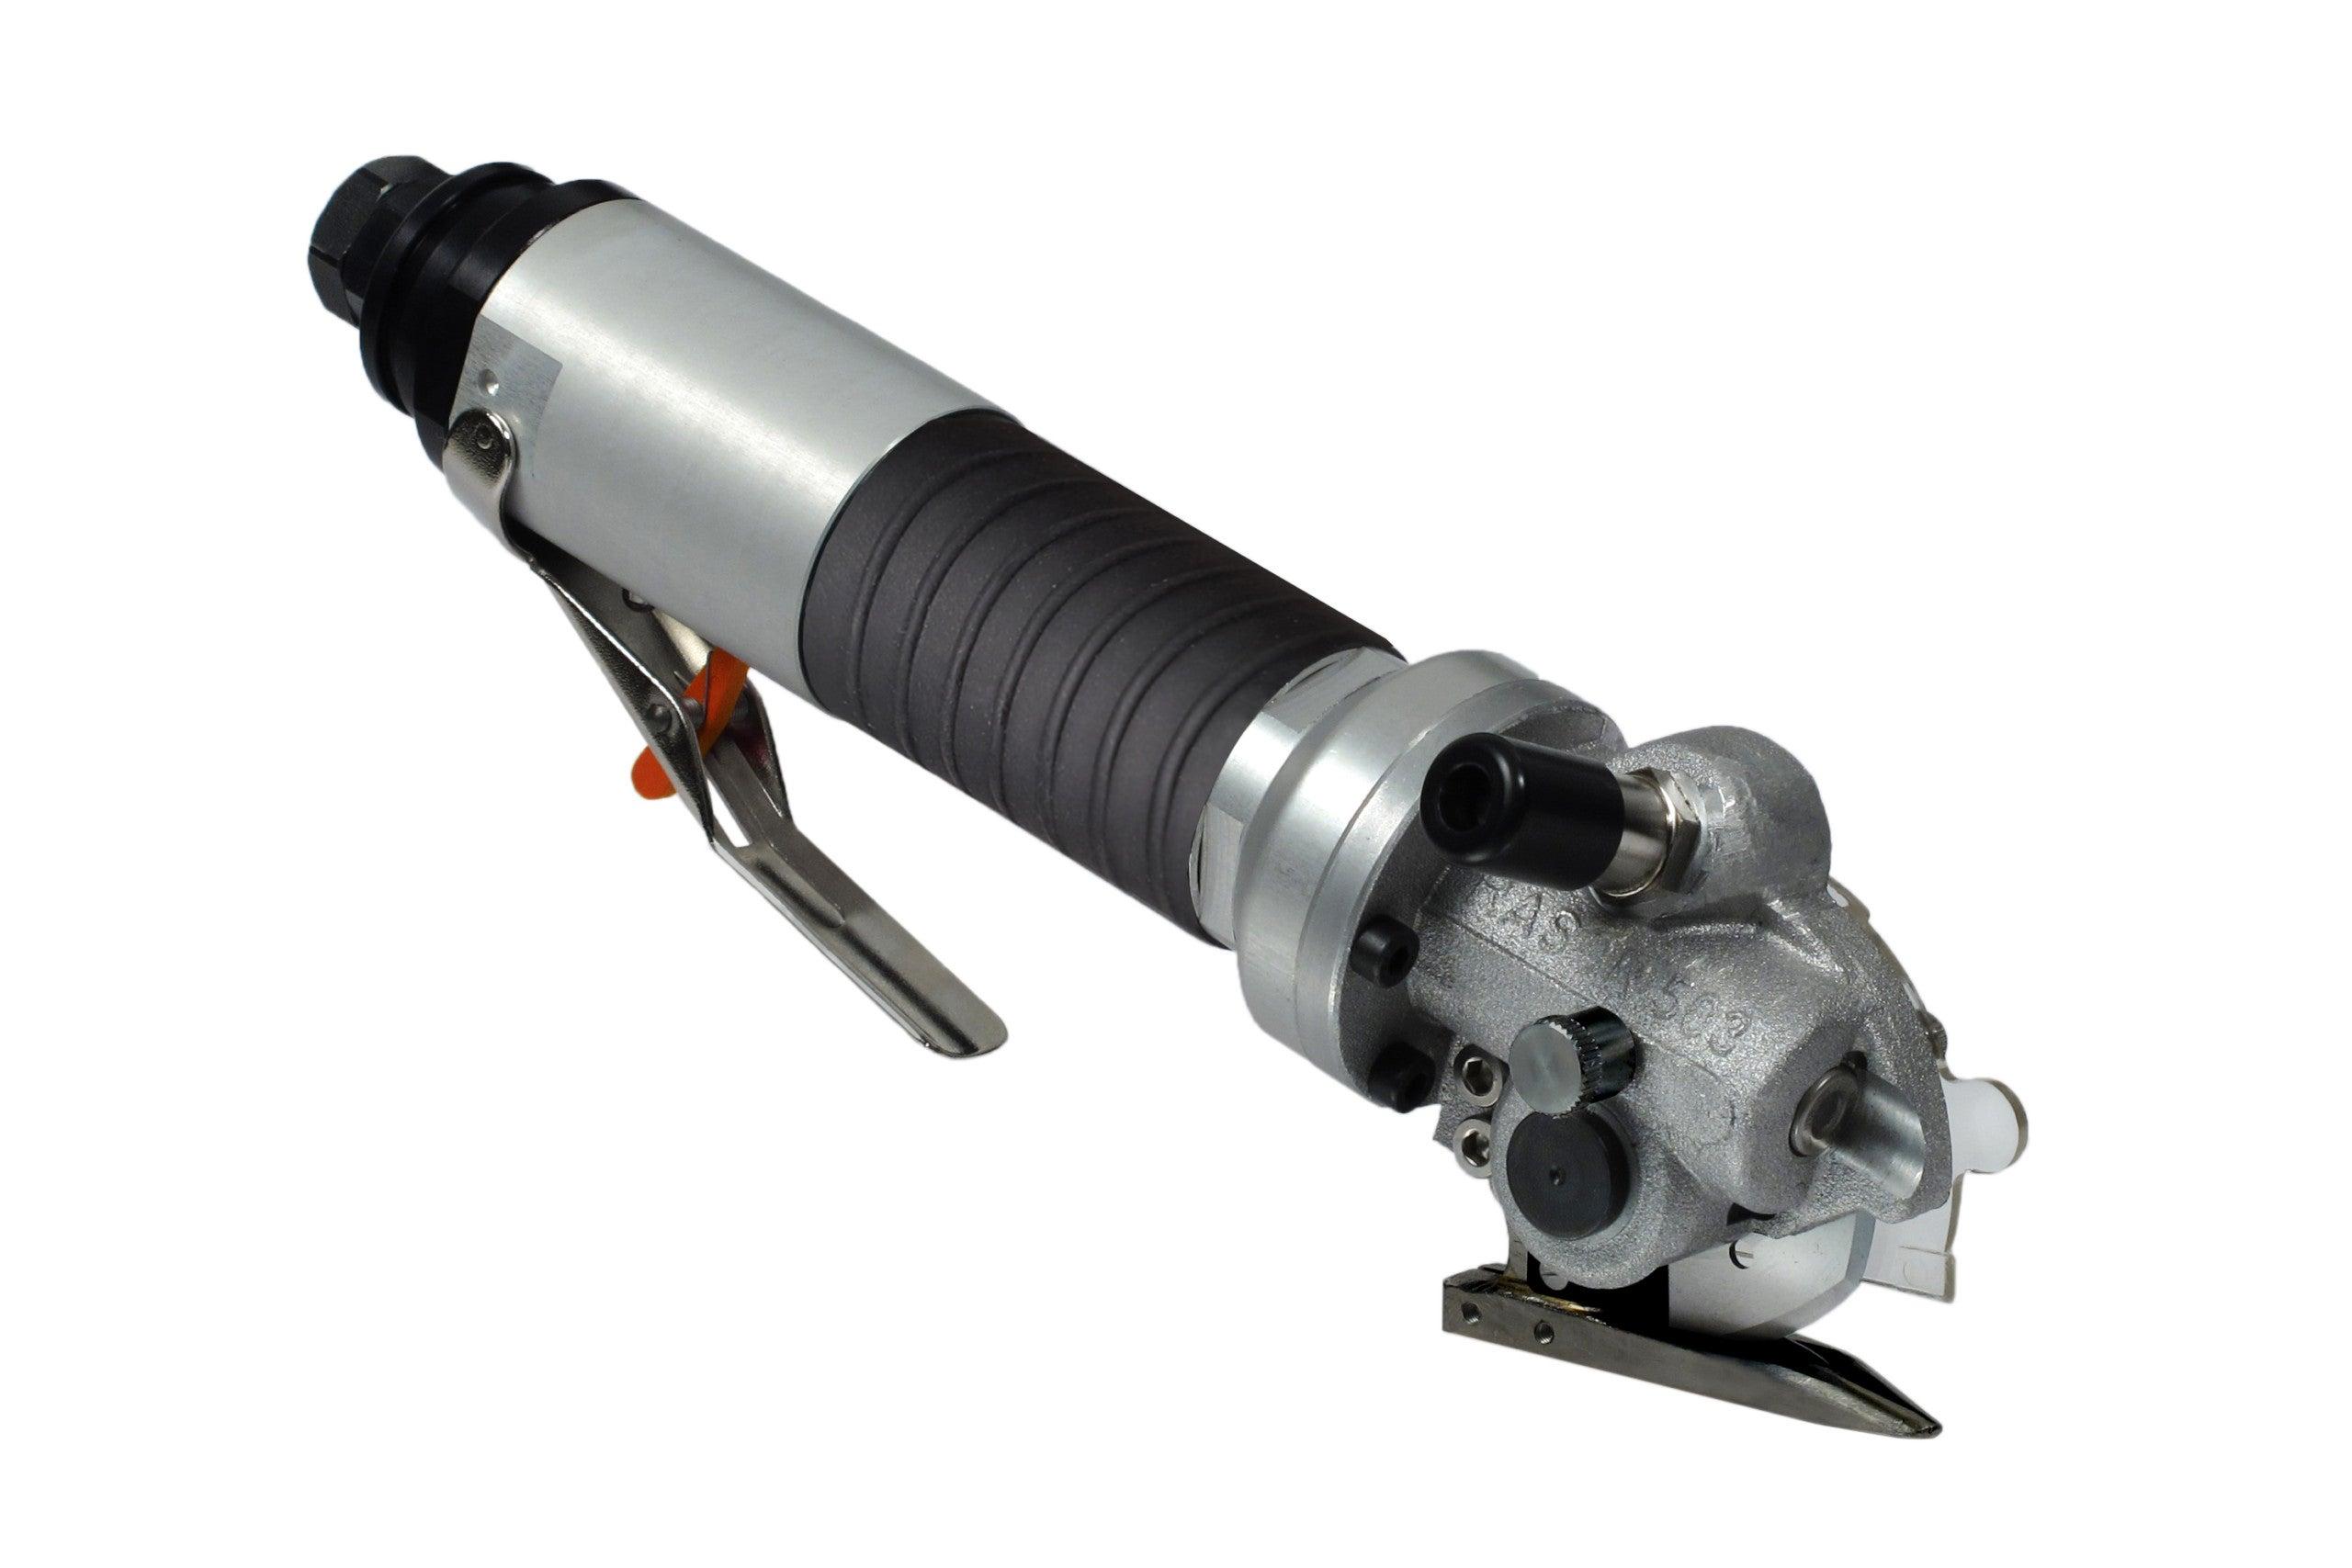 RASOR Druckluftschere FP503